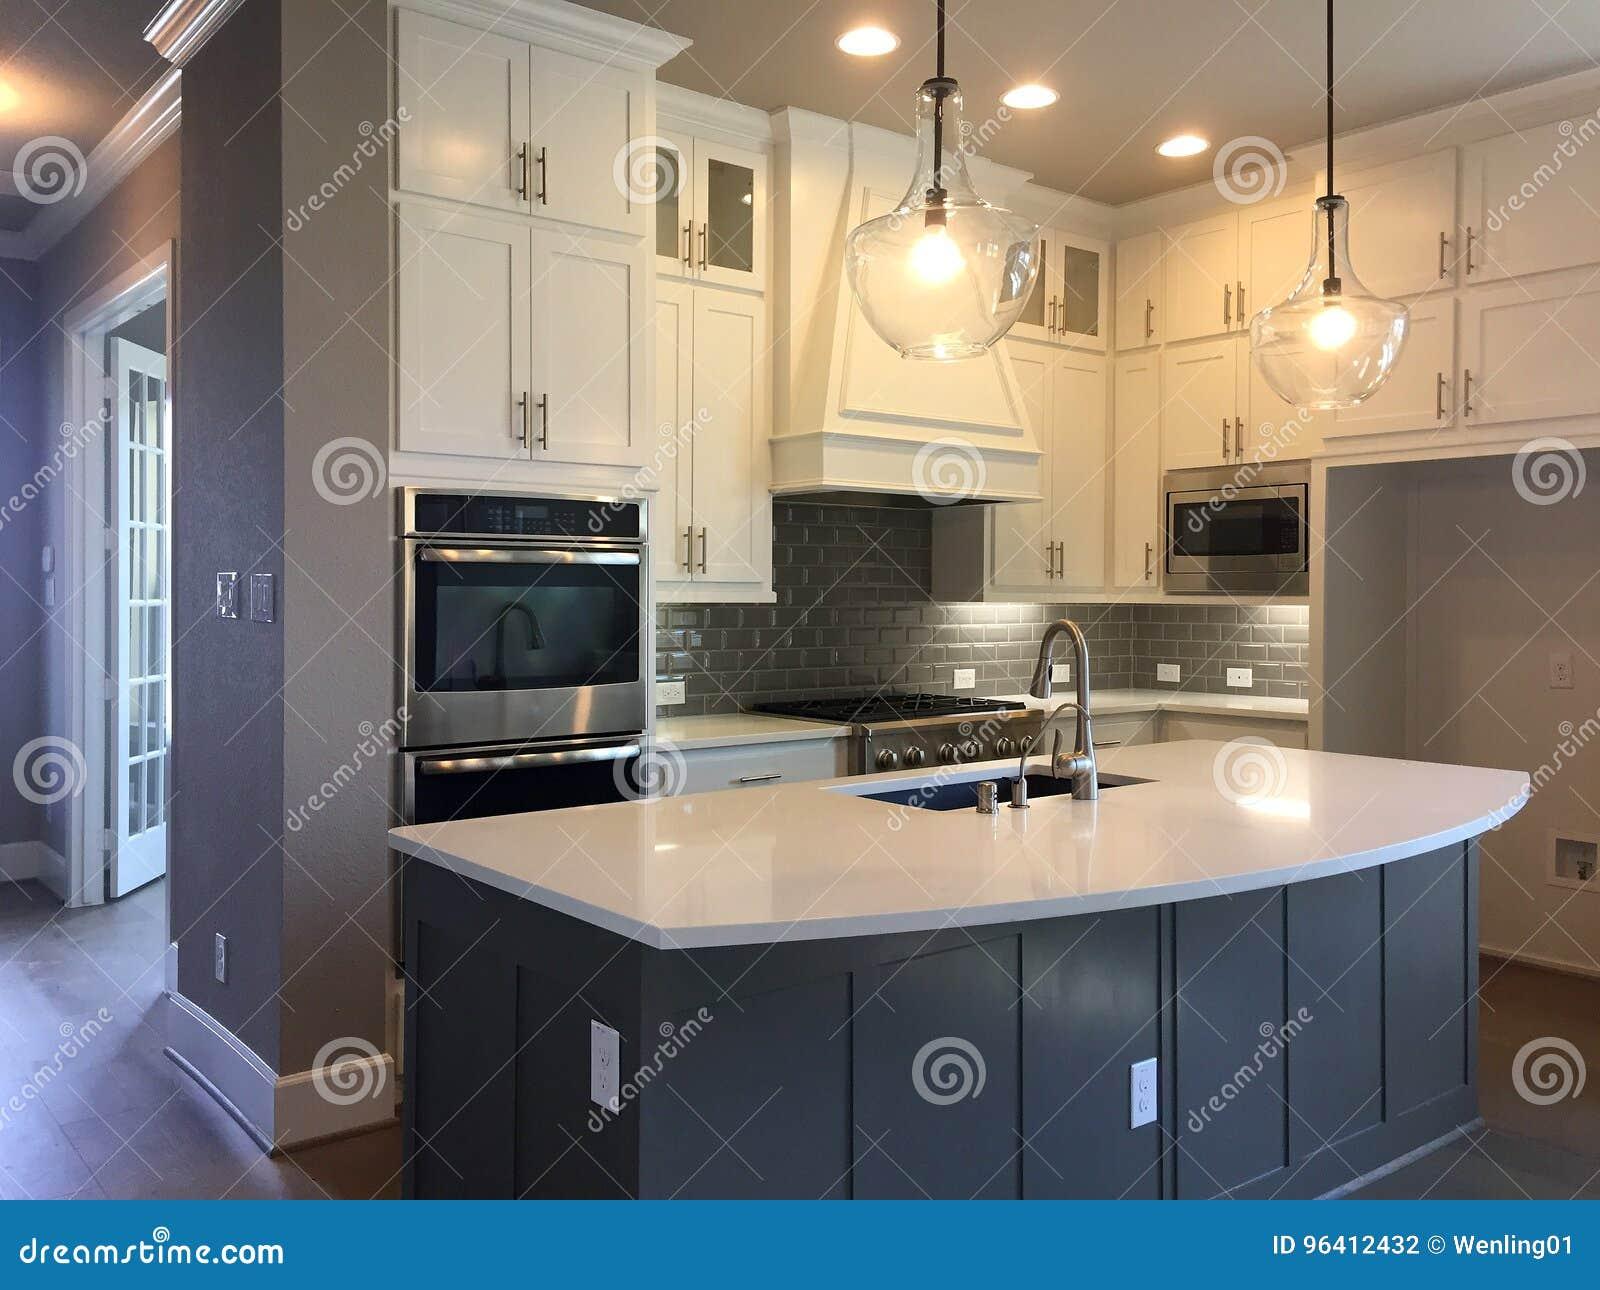 Küche mit Inselzählerdesign in einem neuen Haus